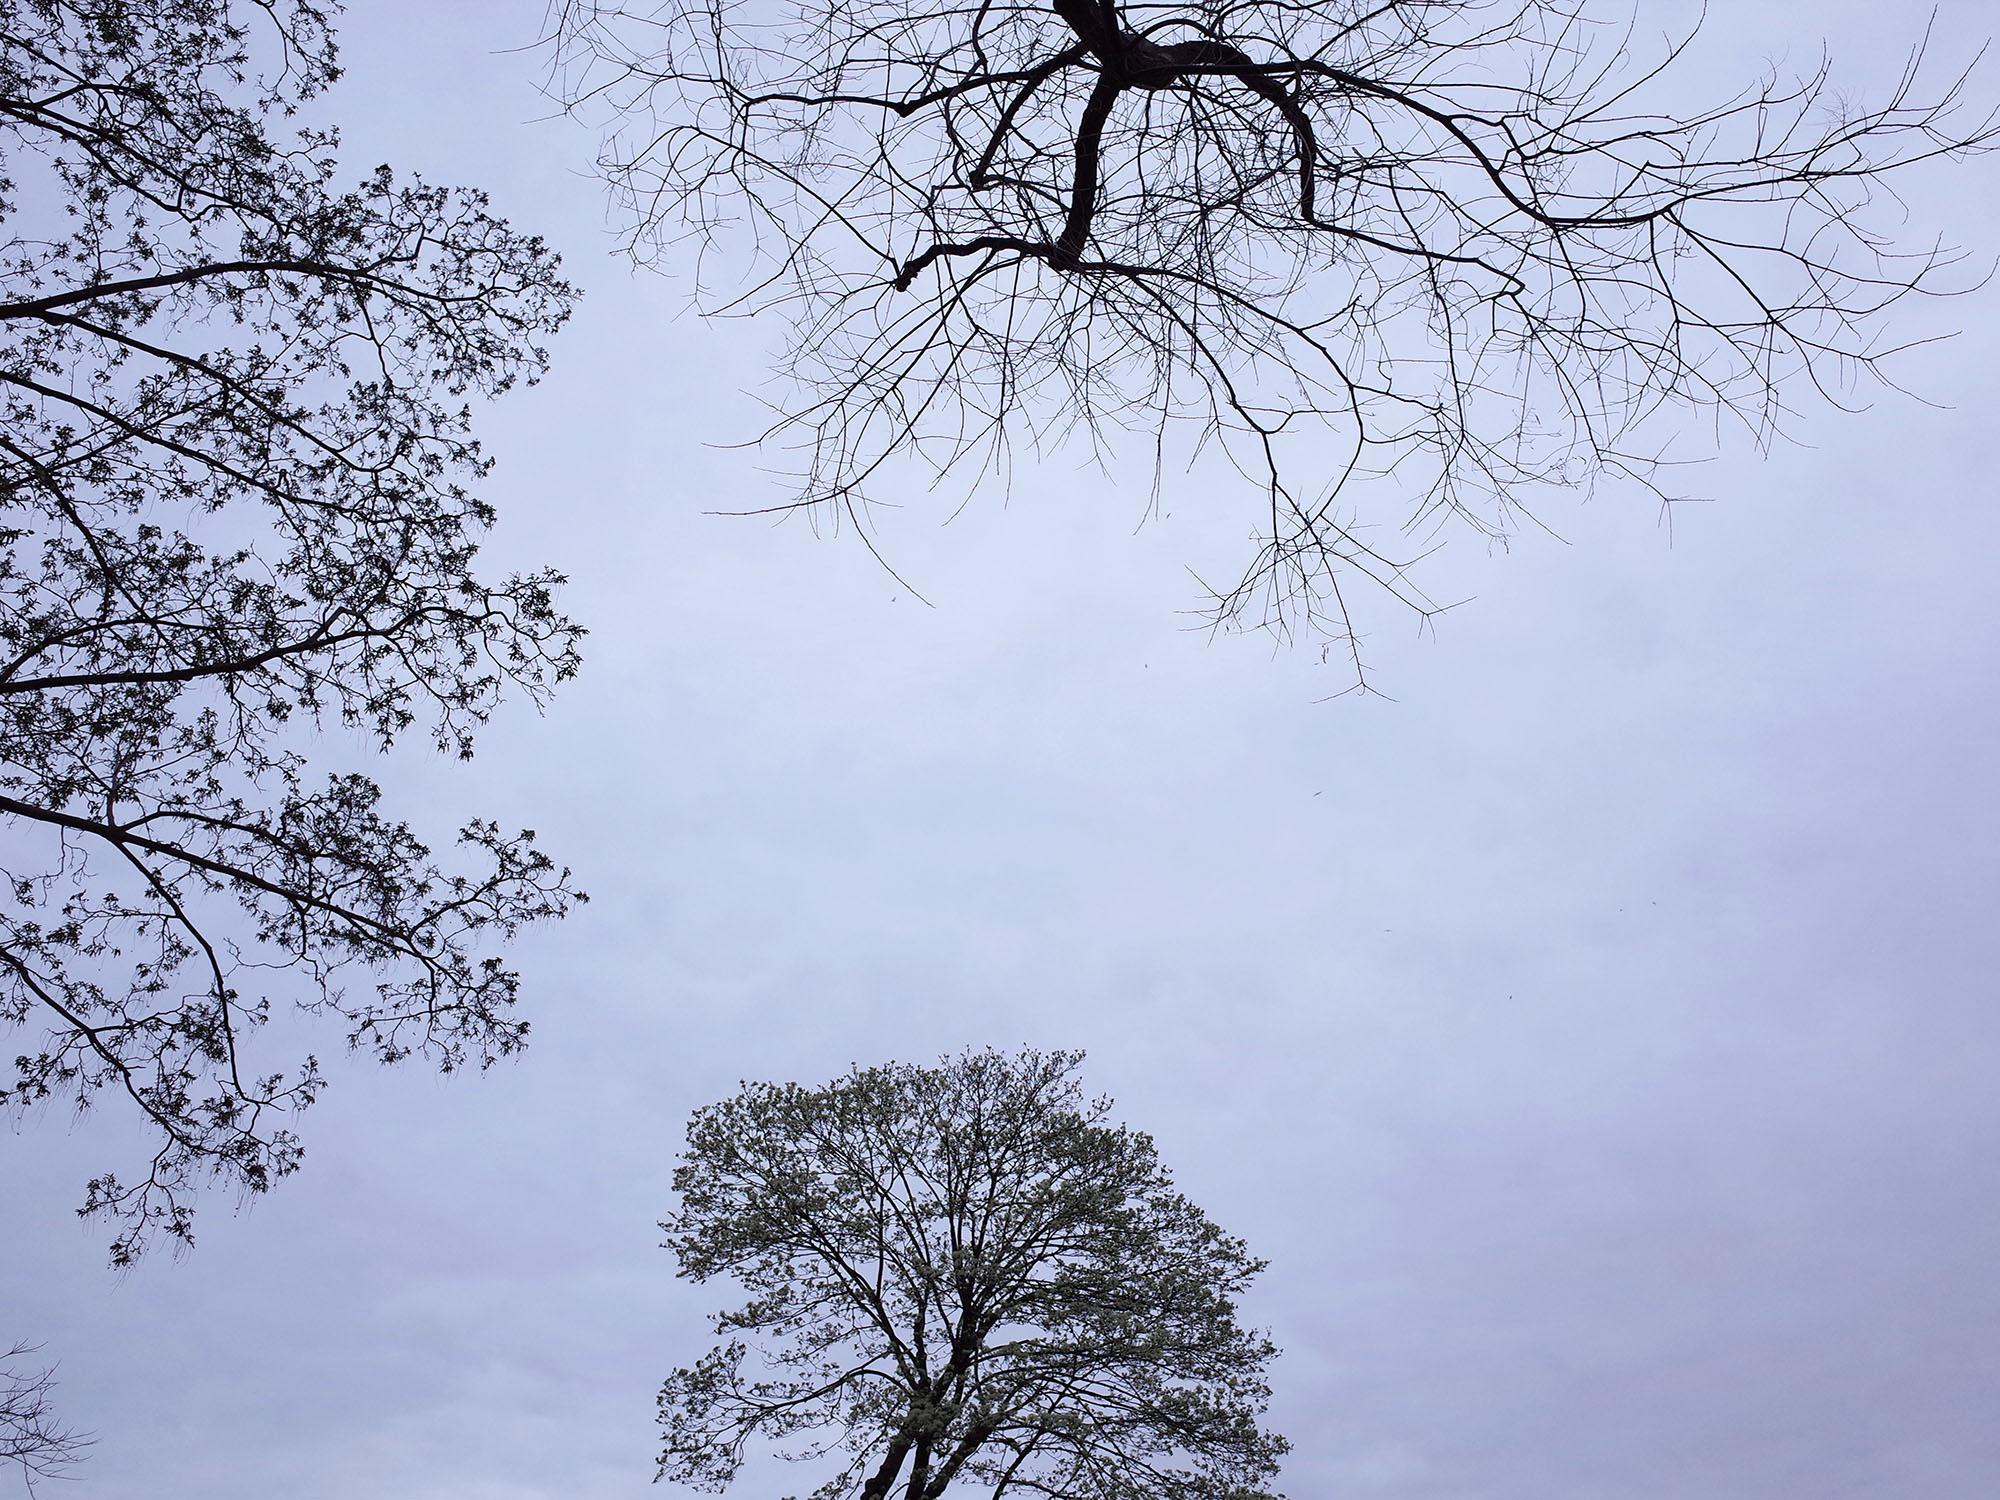 arbre aux feuilles 2014